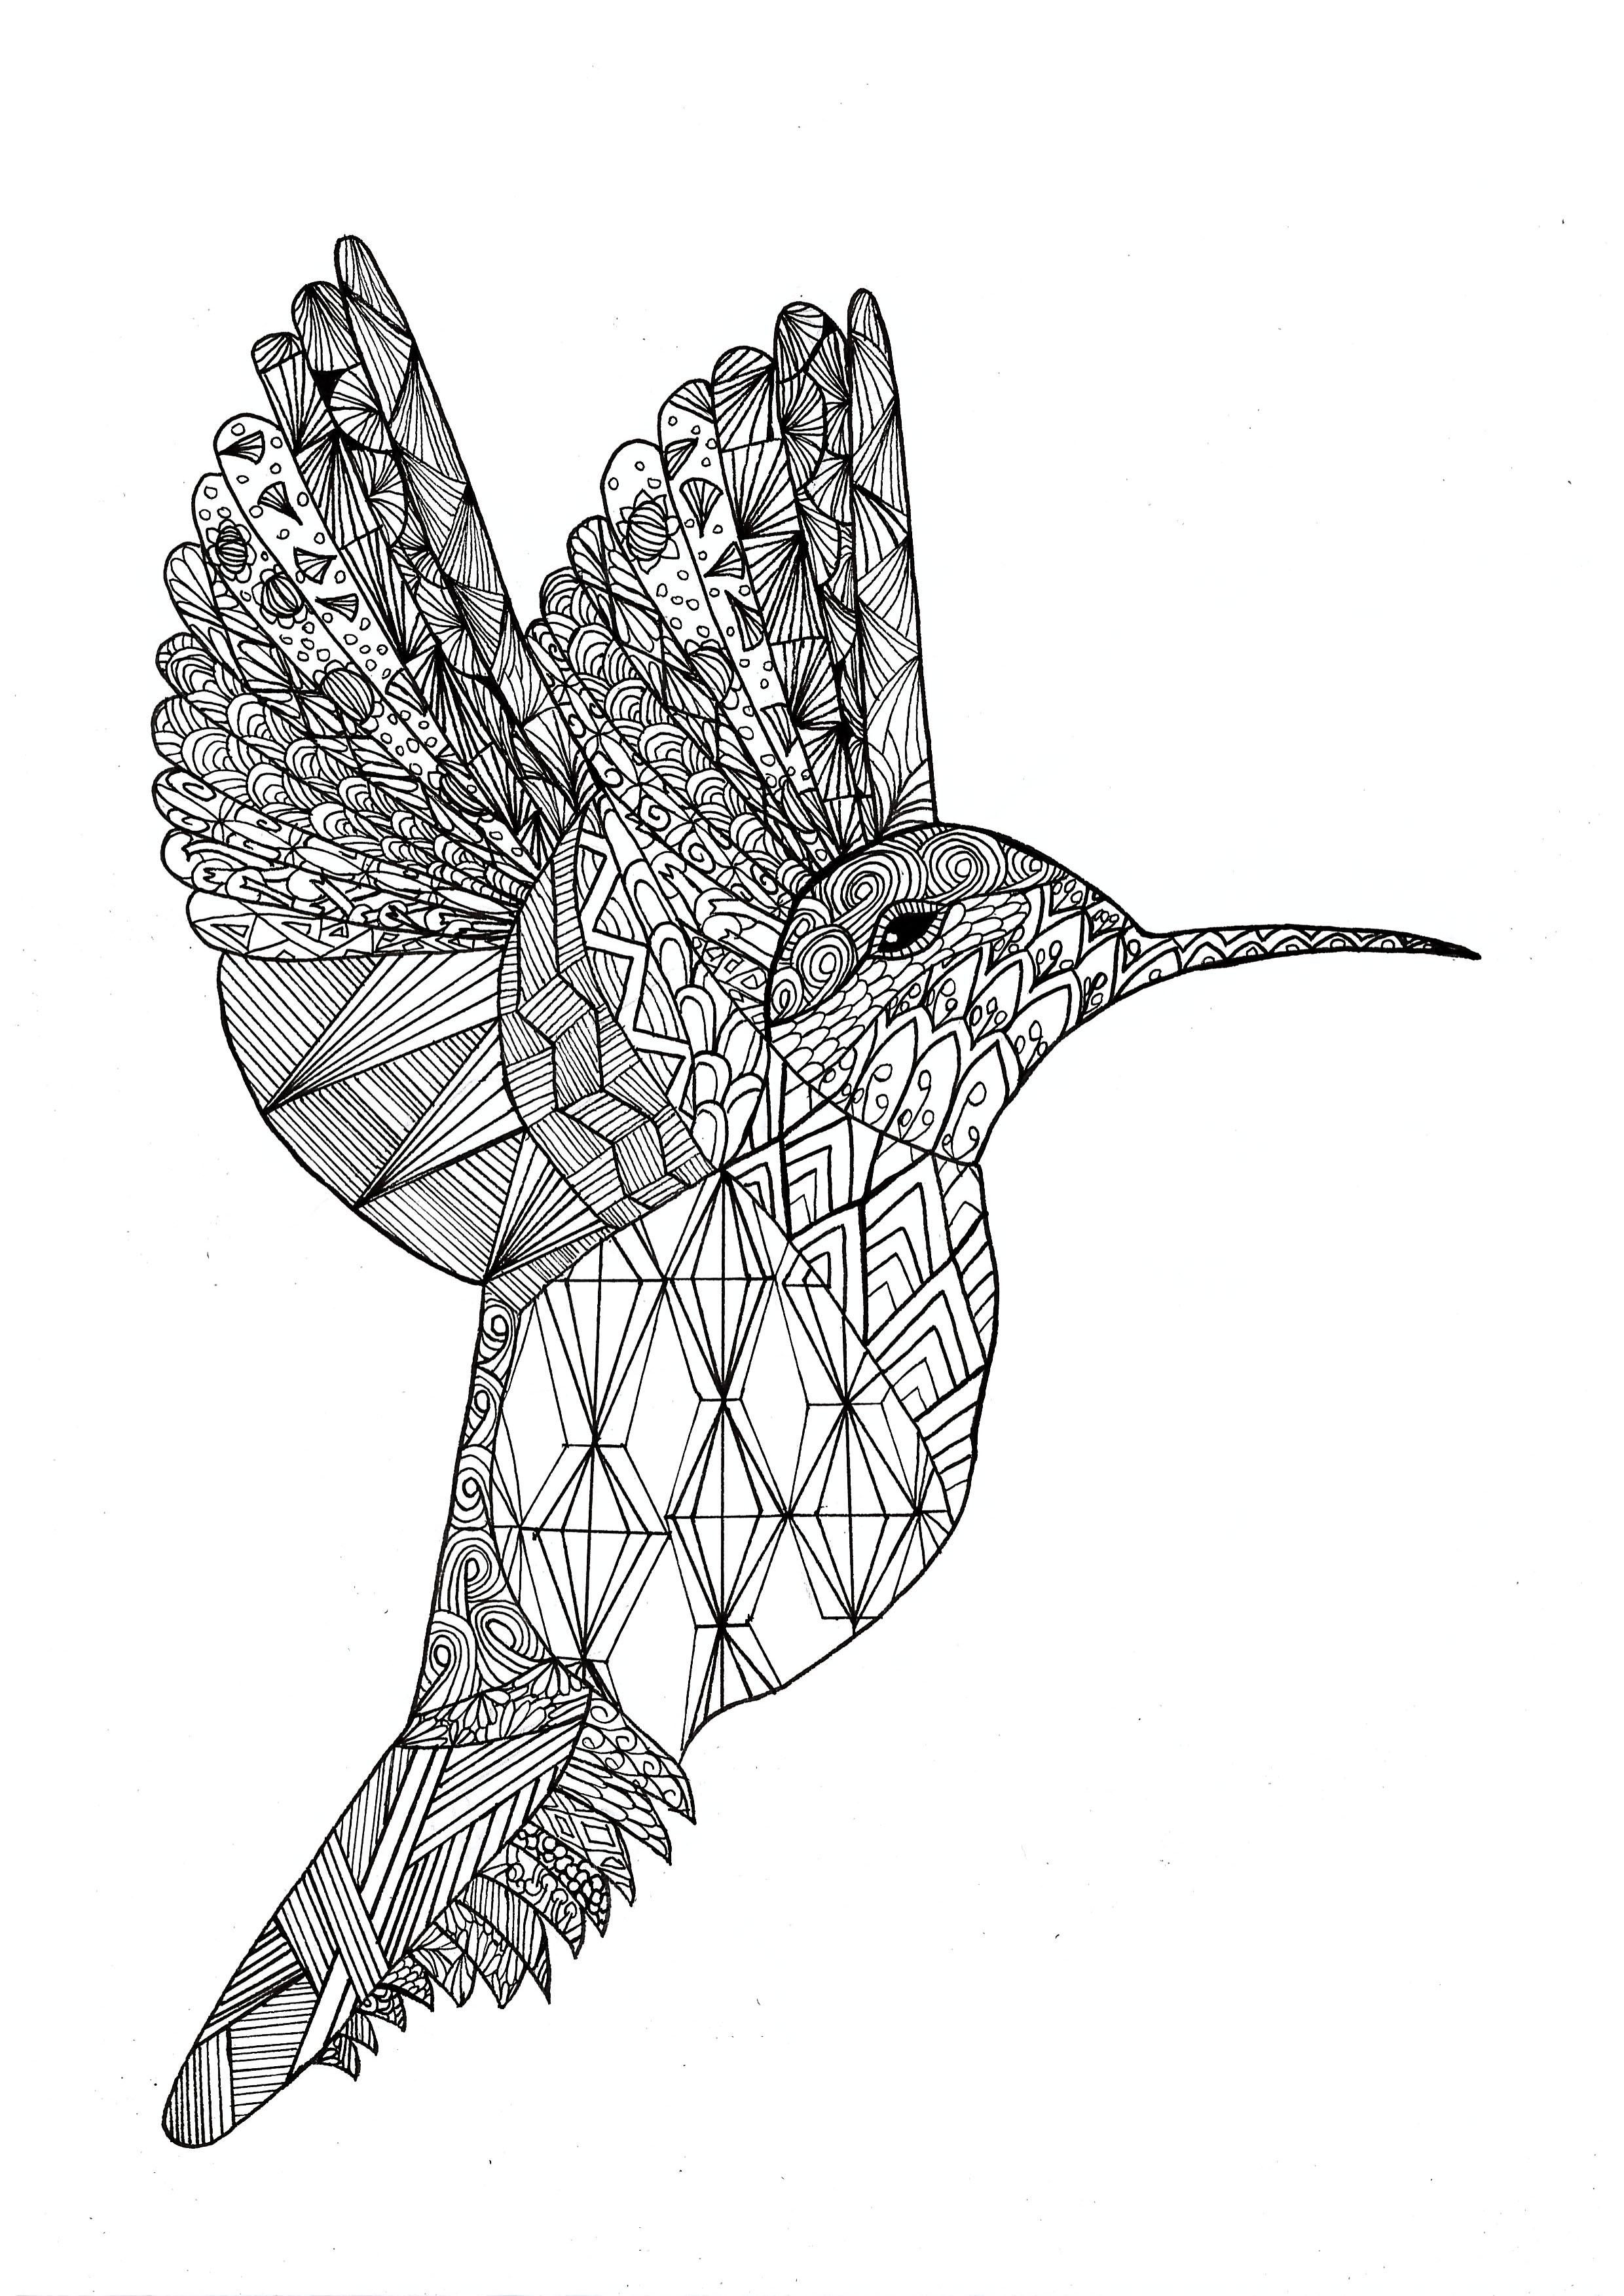 Disegni da colorare per adulti : Zentangle - 71